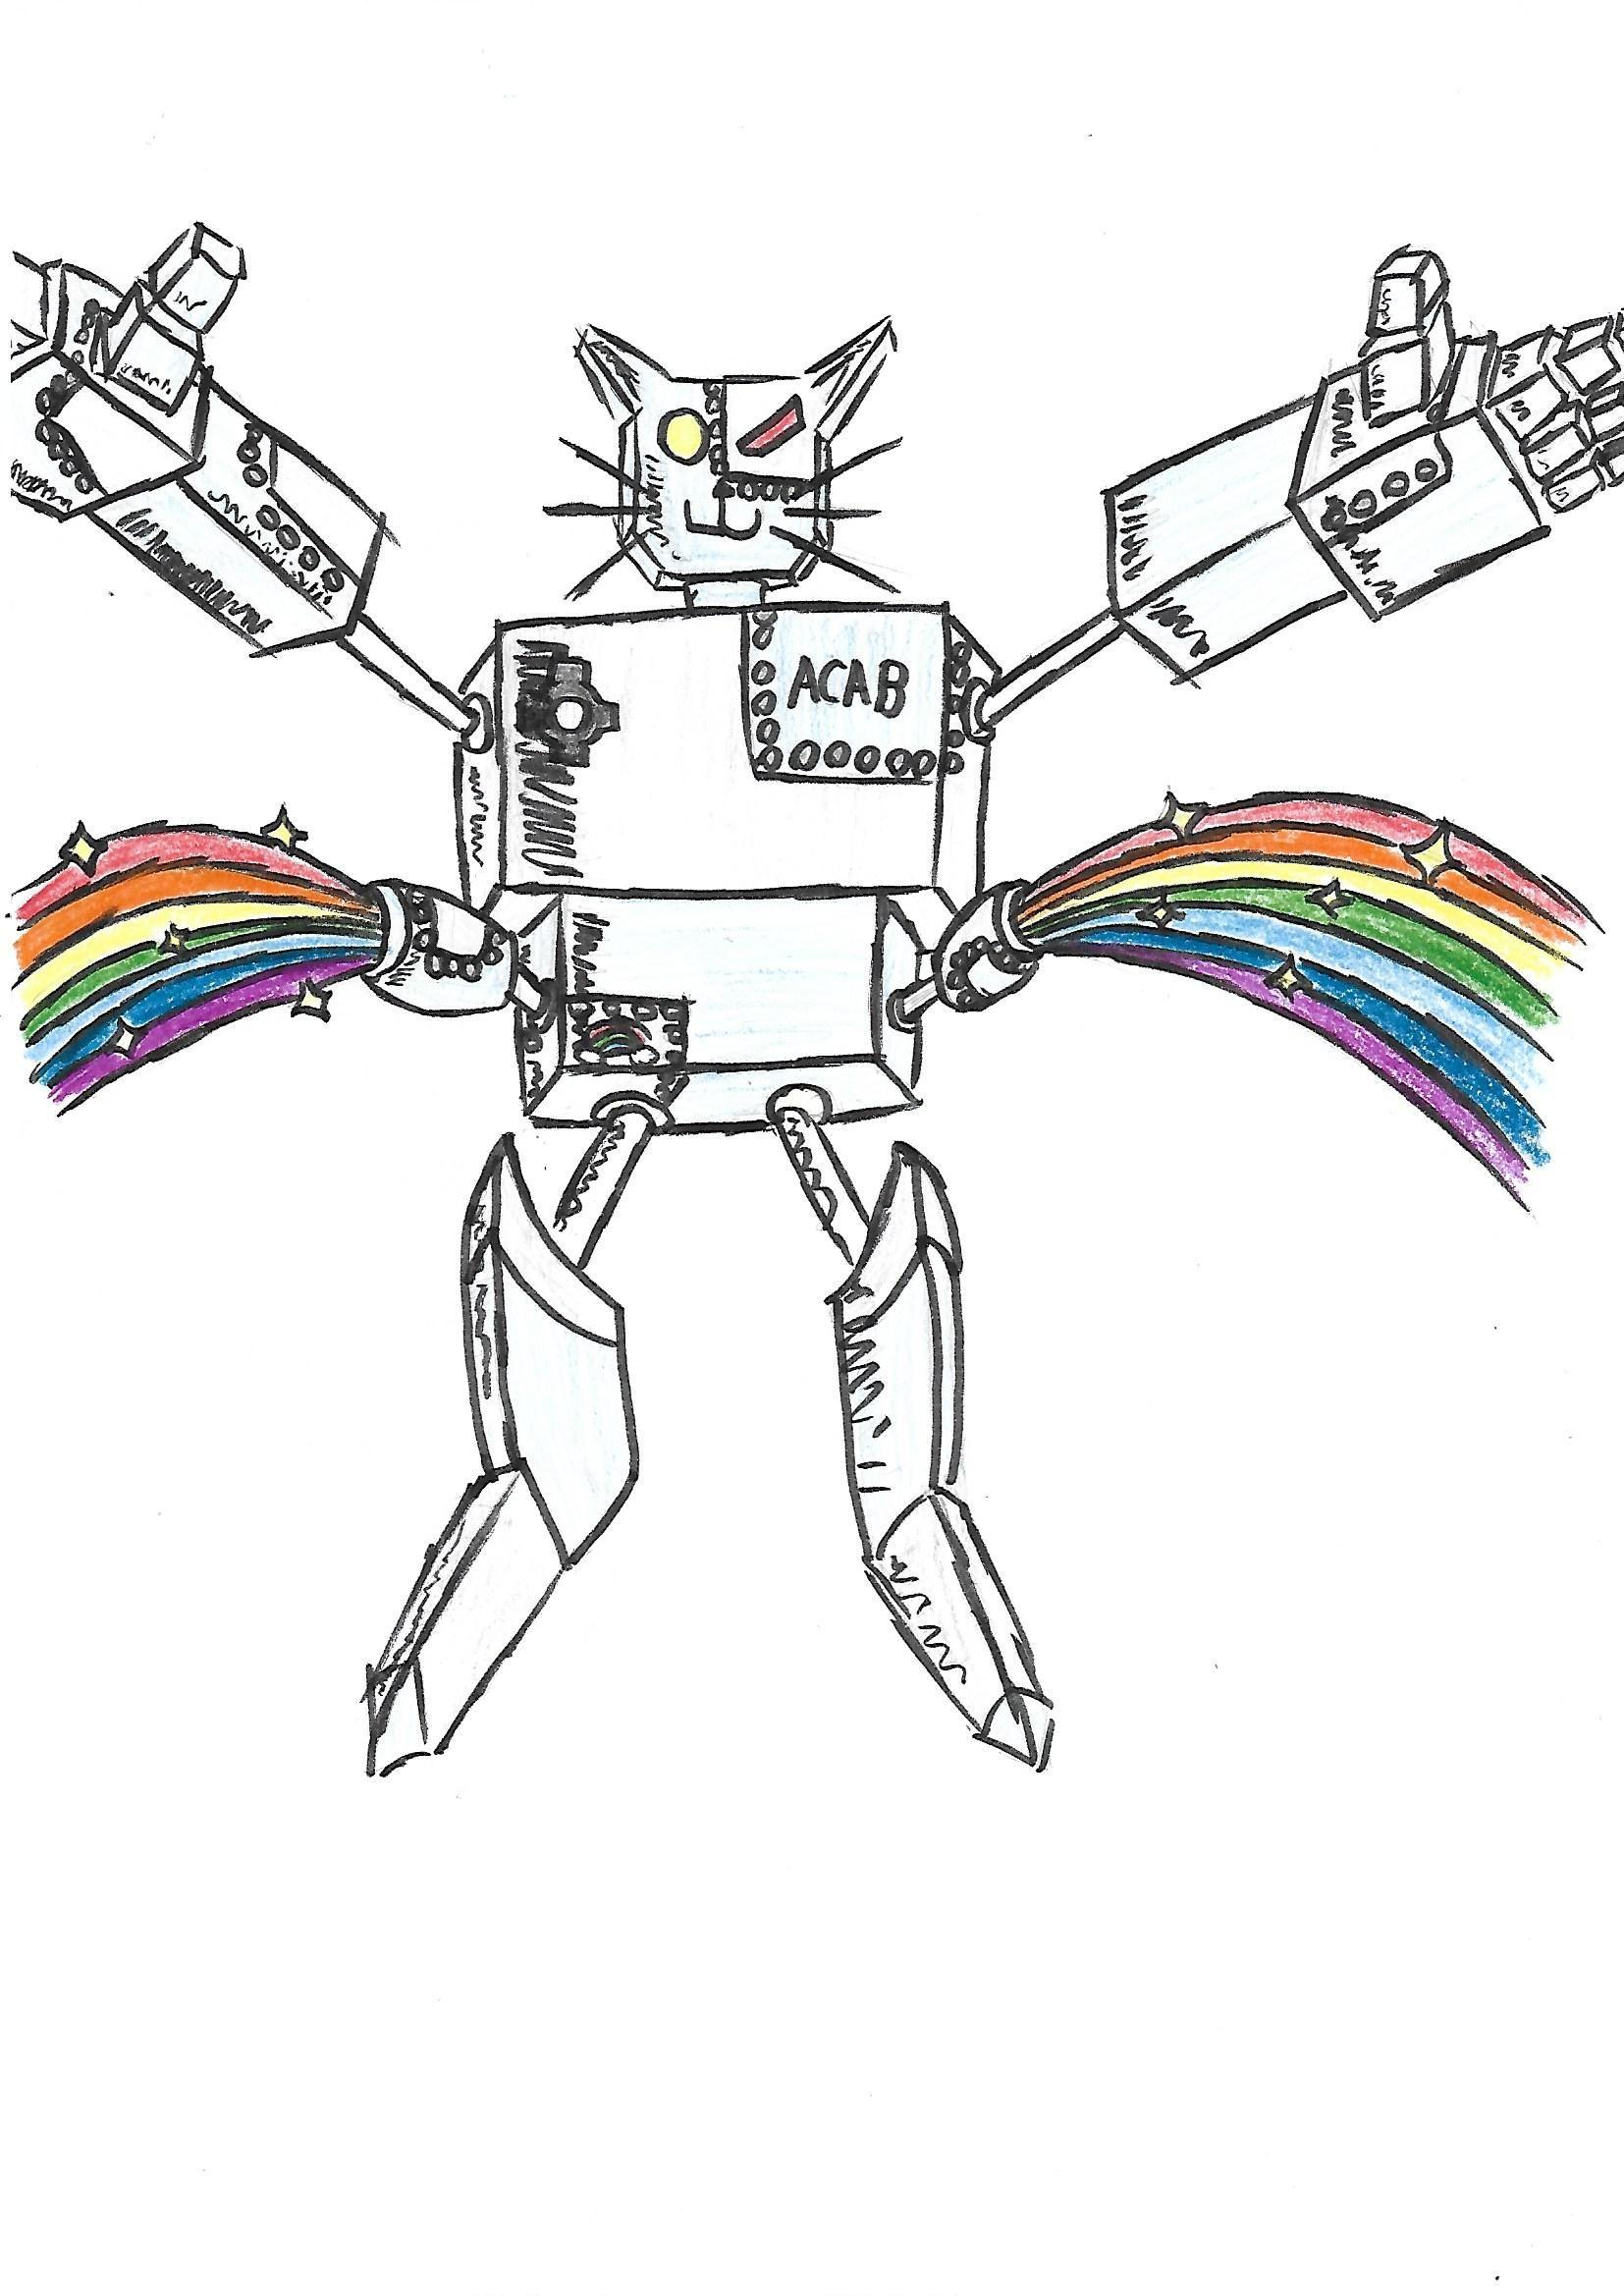 Este es Supergatitobot, una cosa que se me ocurrió un día que me aburría, ¿qué os parece?